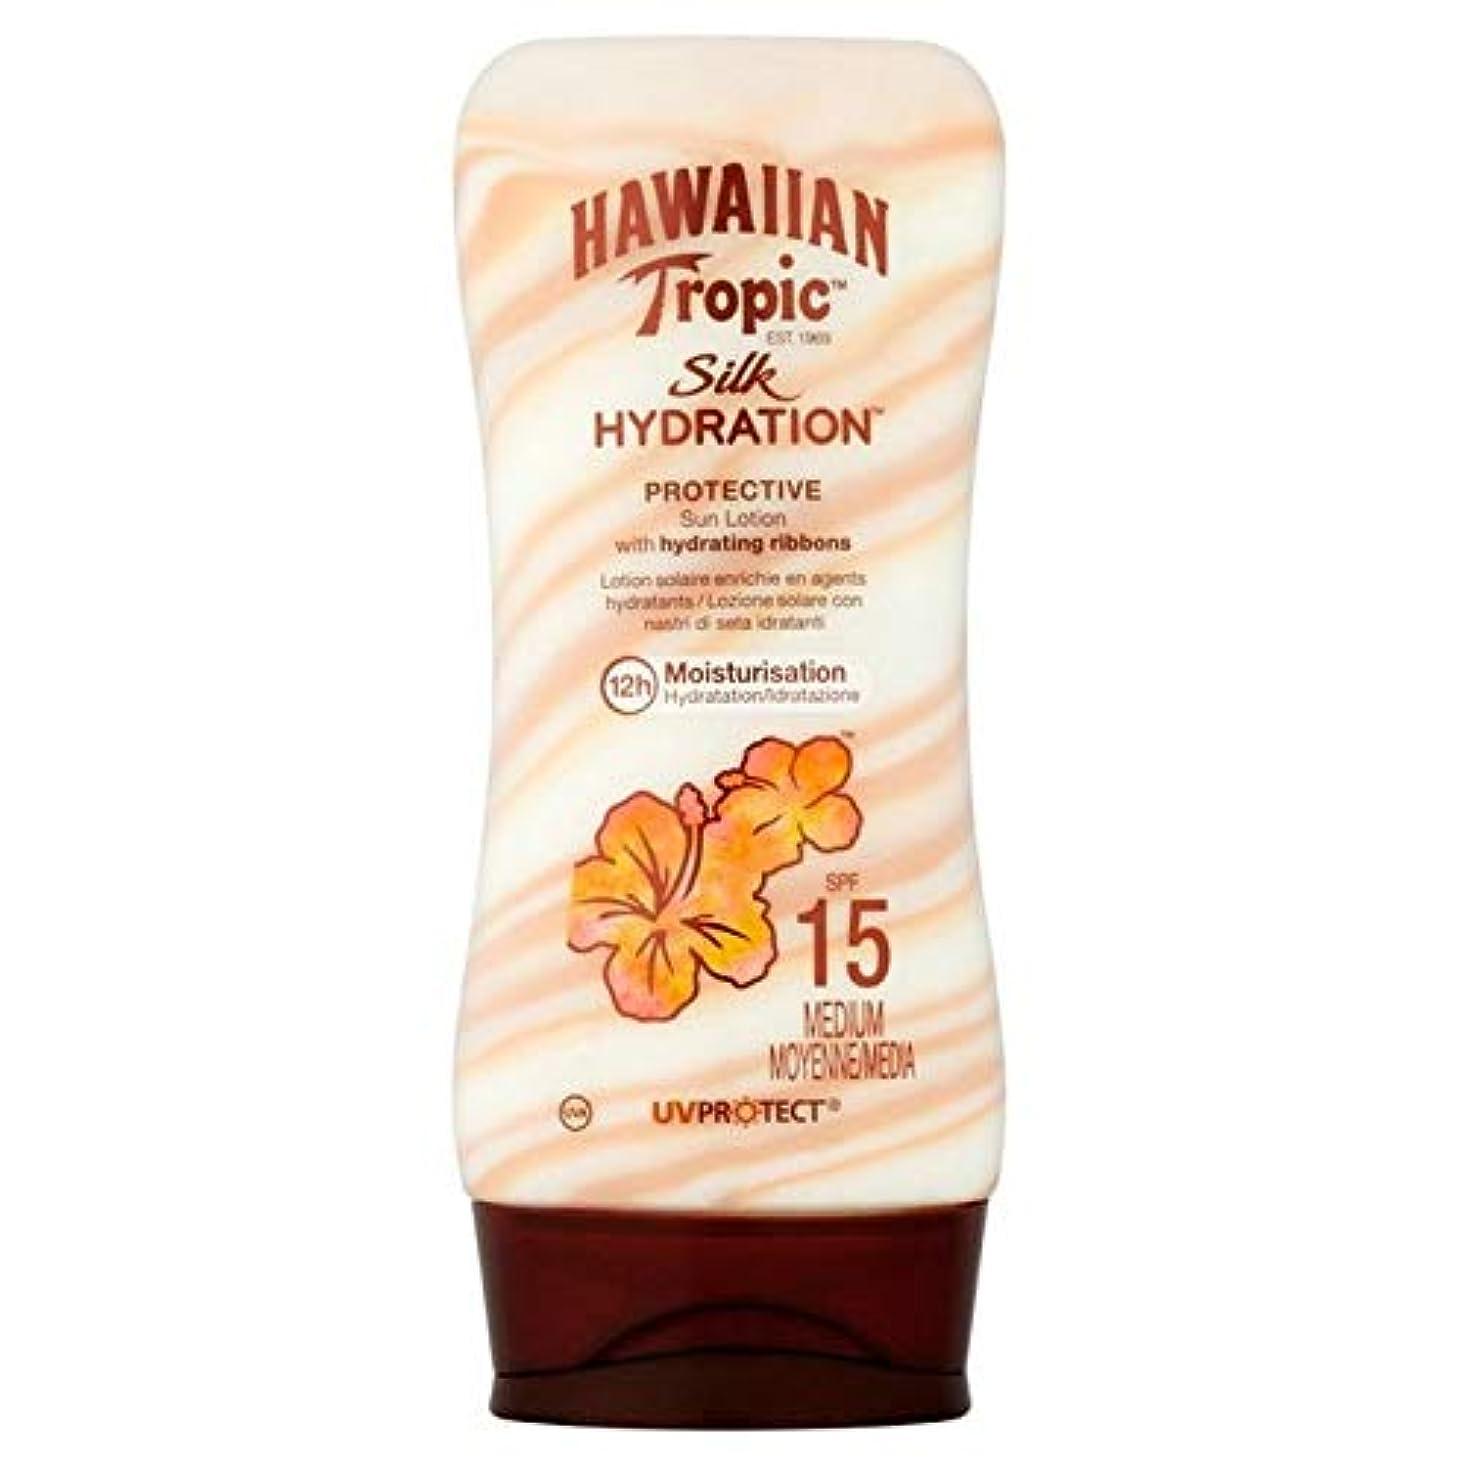 雰囲気政治家ためらう[Hawaiian Tropic ] 南国ハワイシルク水和日ローションSpf 15 180ミリリットル - Hawaiian Tropic Silk Hydration Sun Lotion SPF 15 180ml [並行輸入品]